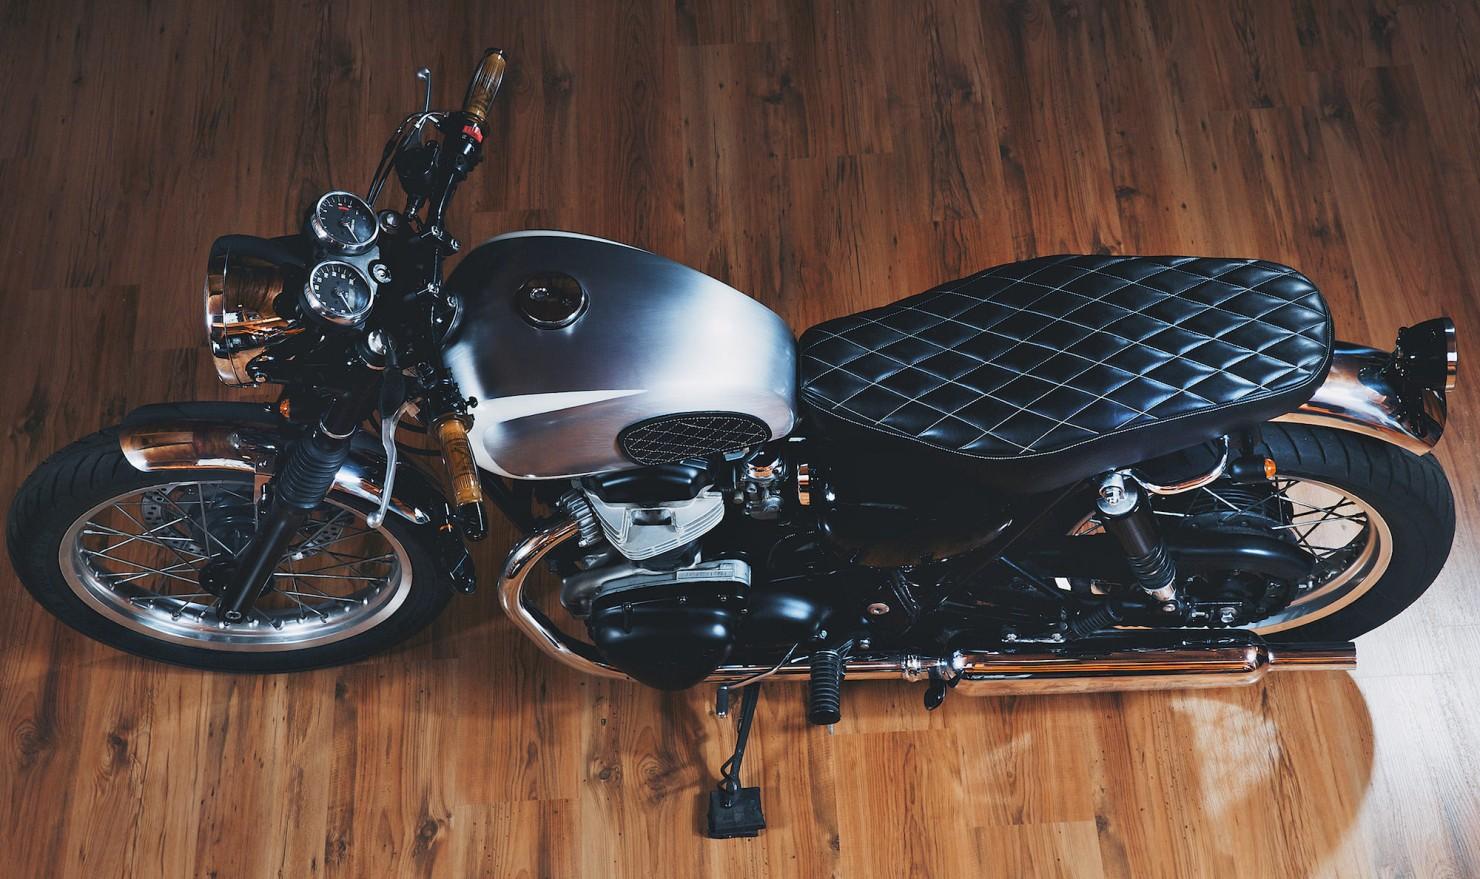 Kawasaki_W650_Motorcycle_17